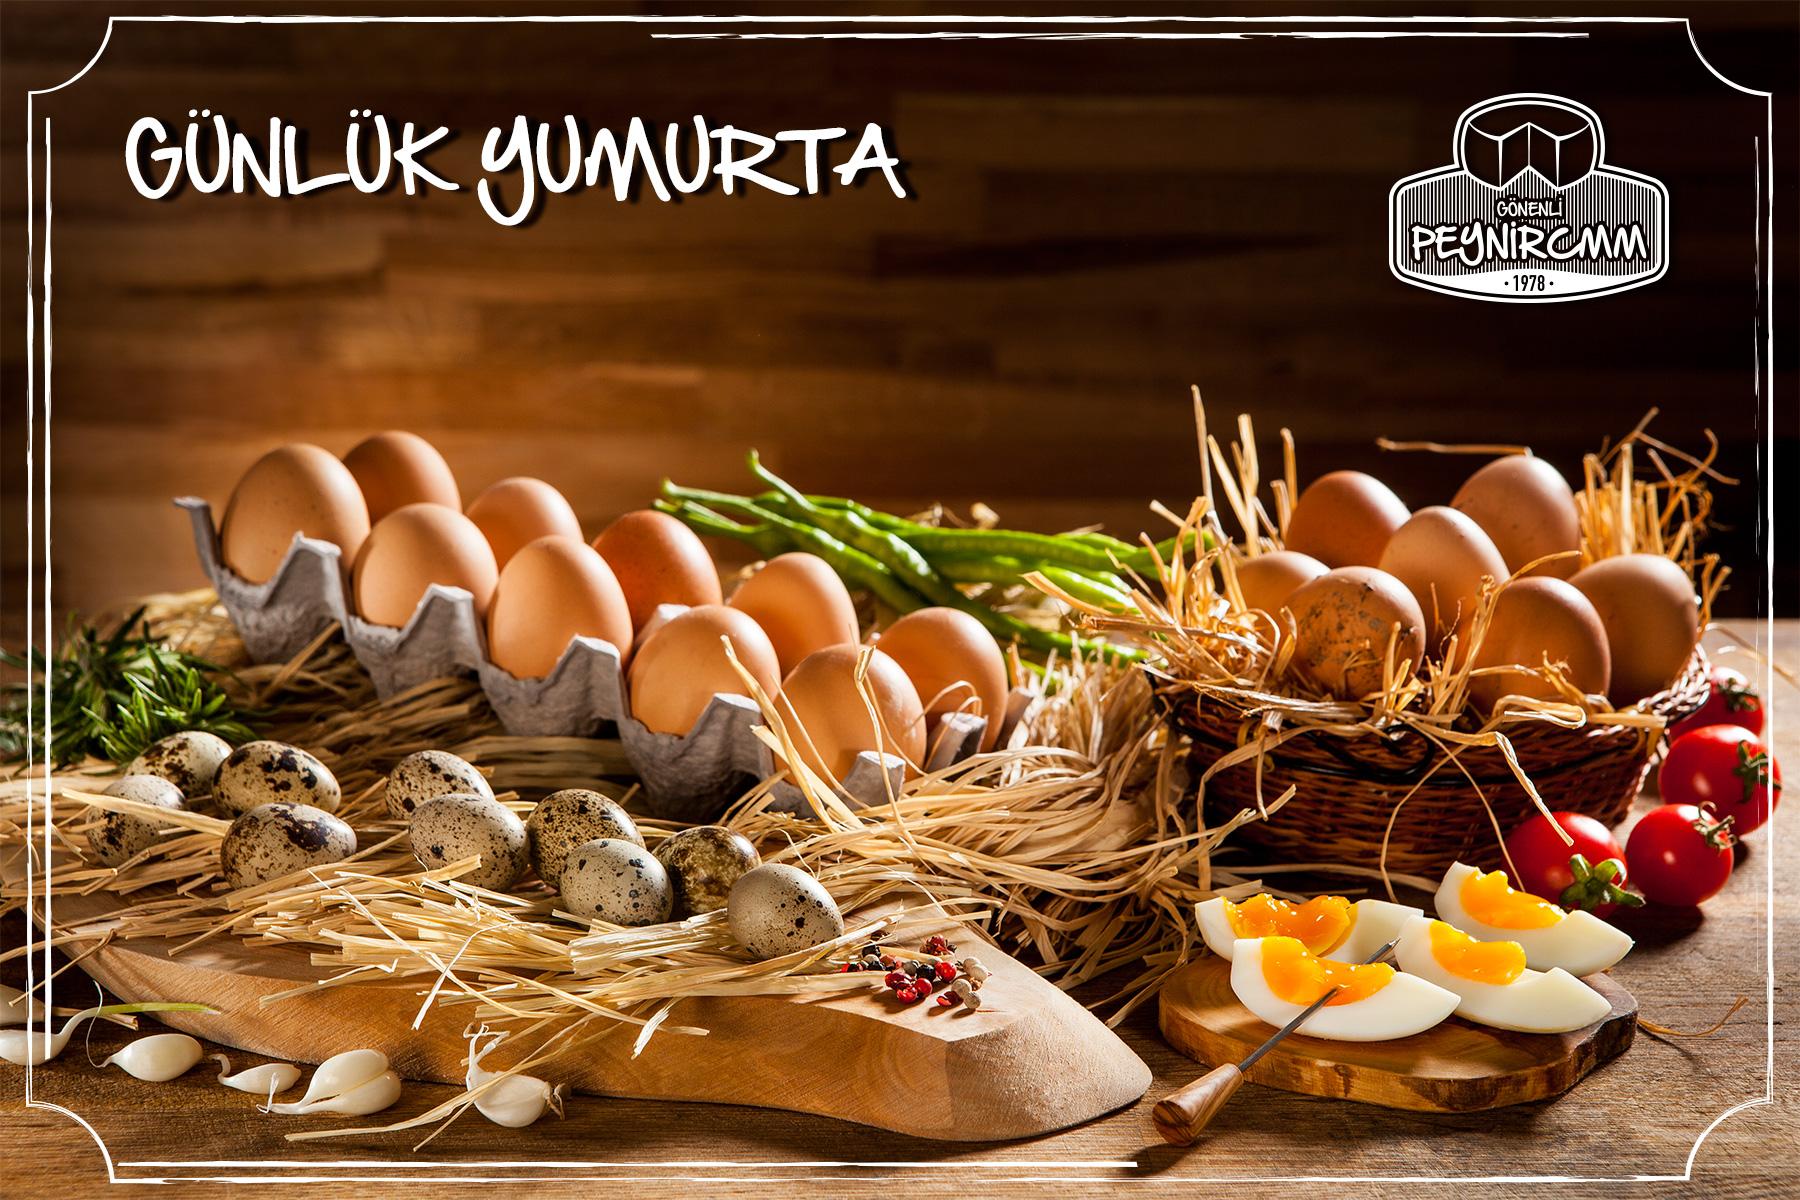 Gonenli_peynircmm_fotograf_7_Gunluk_Yumurta